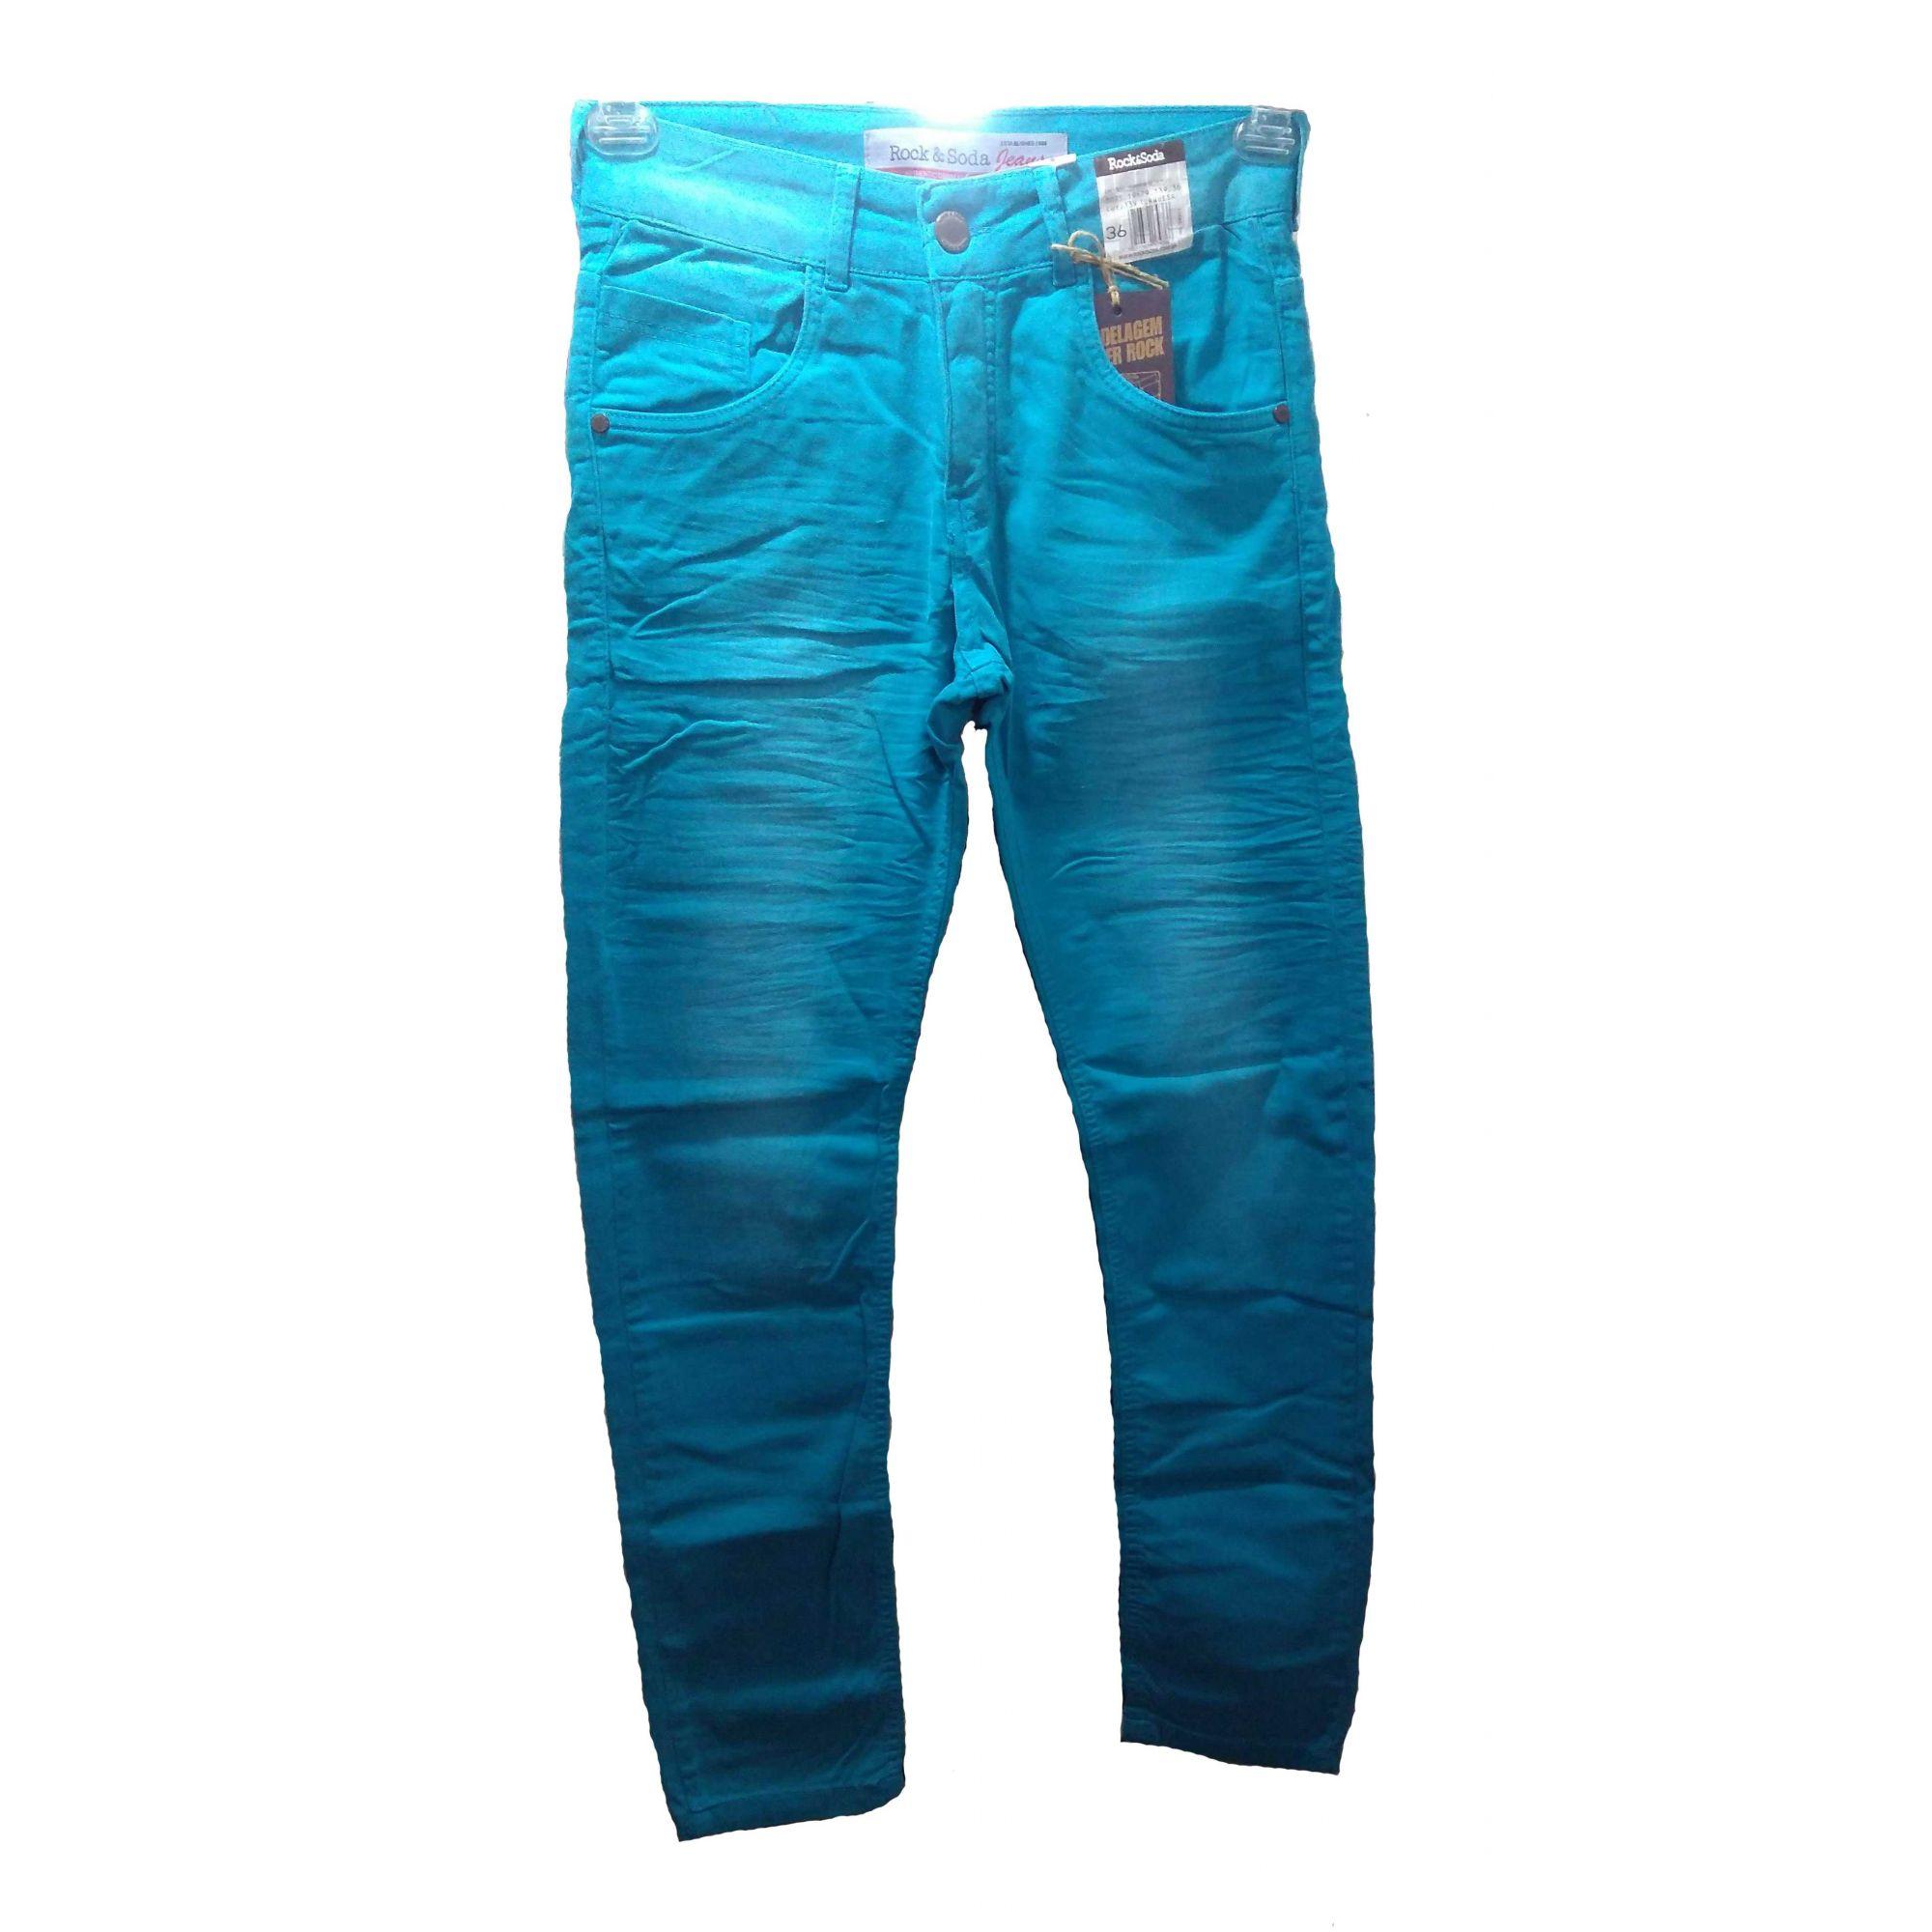 Calça Jeans Masculina Skinny Marca Rock Soda